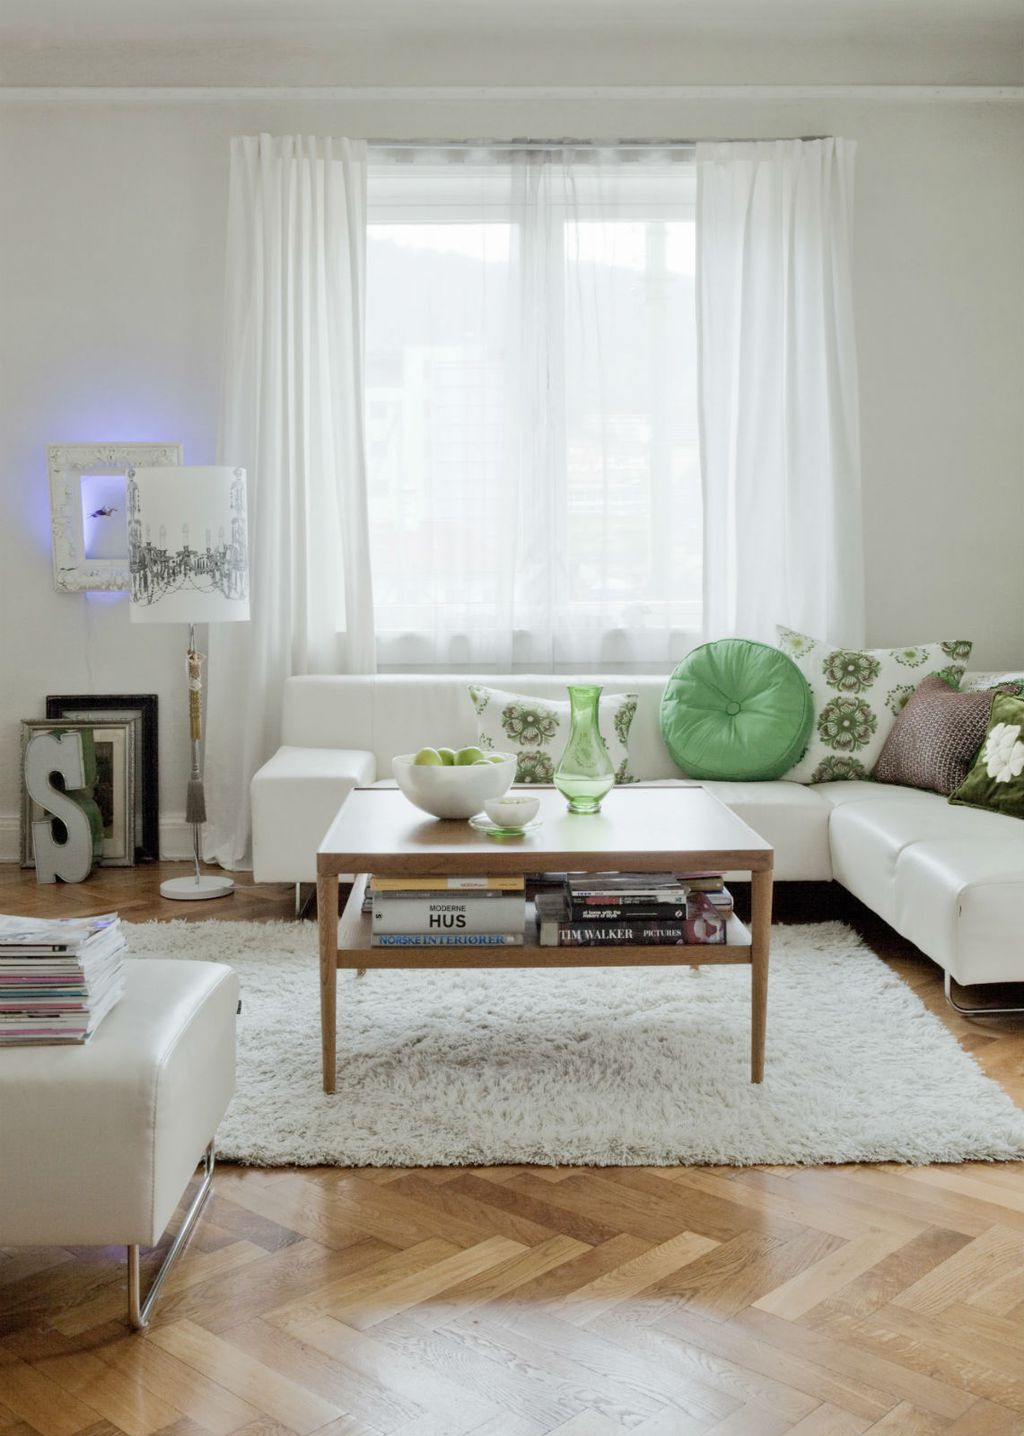 Ideje kako s tepihom uljepšati prostorije u domu - 10